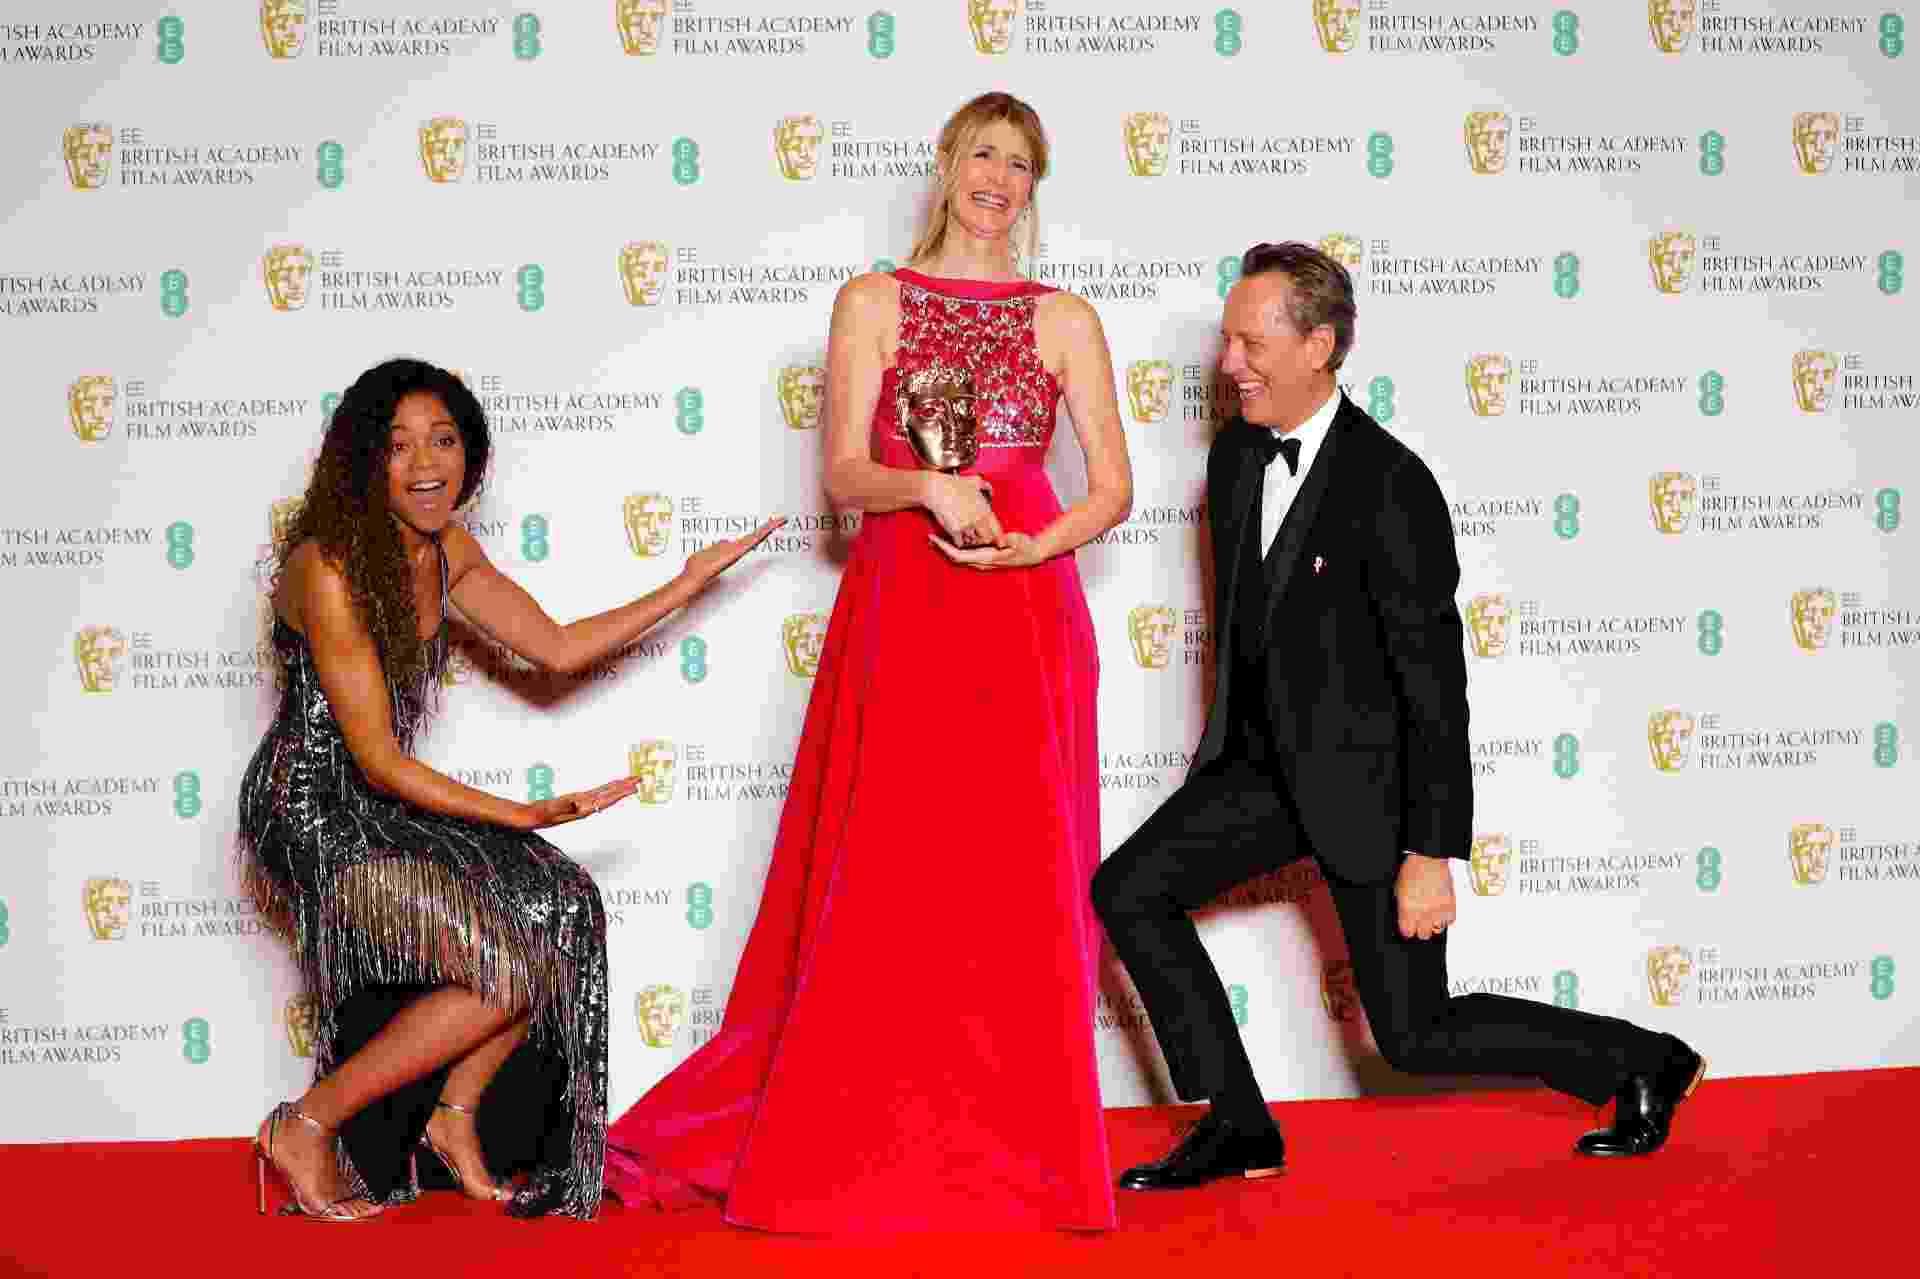 A atriz norte-americana Laura Dern levou o prêmio de Atriz Coadjuvante por História de um Casamento. Na foto, ela está com Naomie Harris e Richard E. Grant - Adrian Dennis/AFP